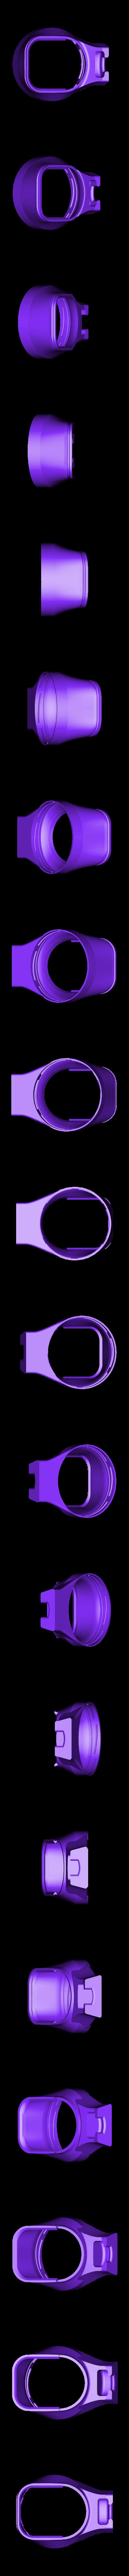 distrib1.stl Télécharger fichier STL gratuit Distributeur bocal polyvalent • Design pour imprimante 3D, Barbe_Iturique